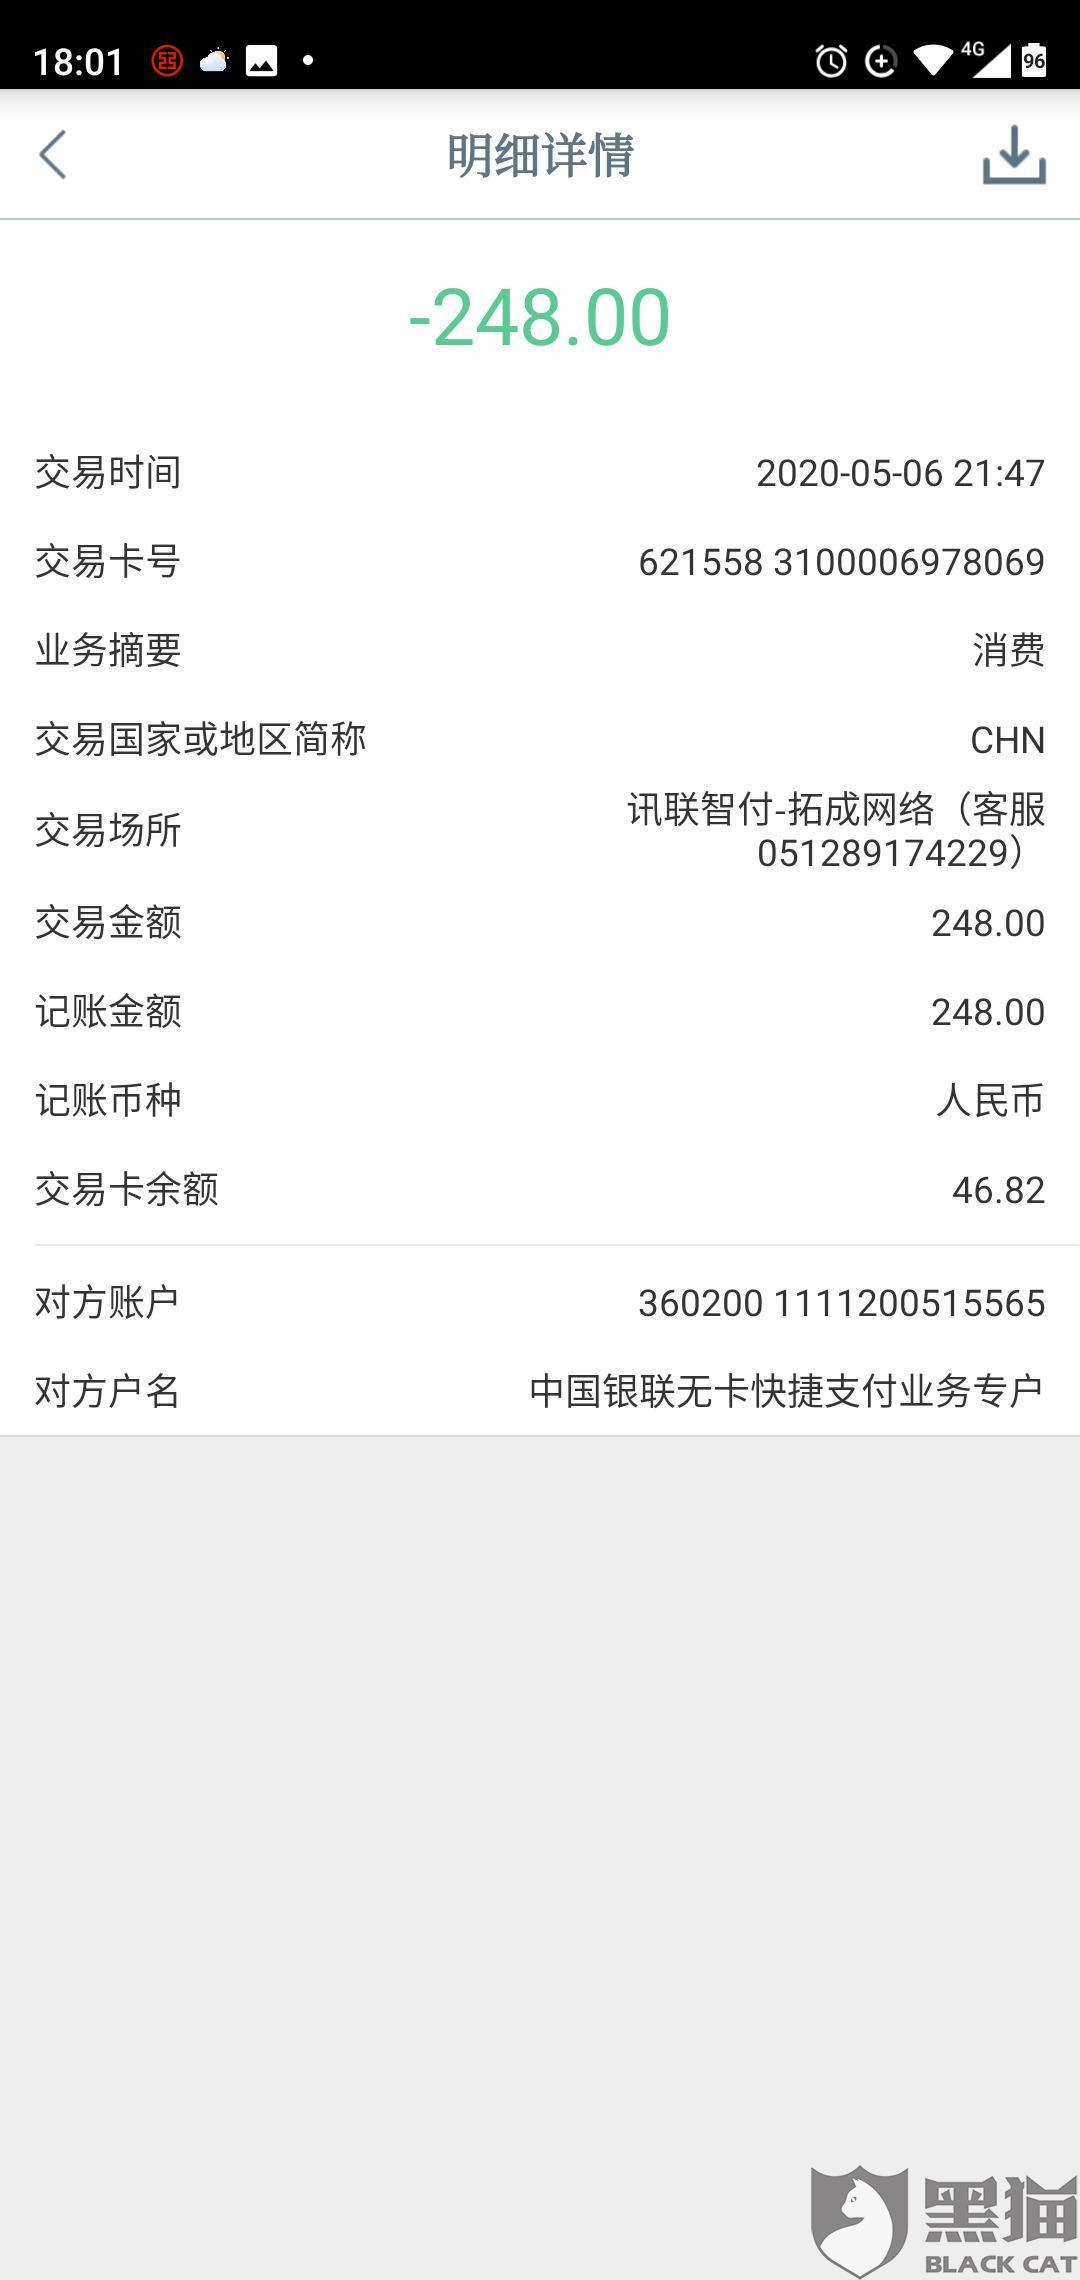 黑猫投诉:京银港,讯联智付,在我银行卡扣款了承诺不下款就退款,现在不接受联系,不退款了!